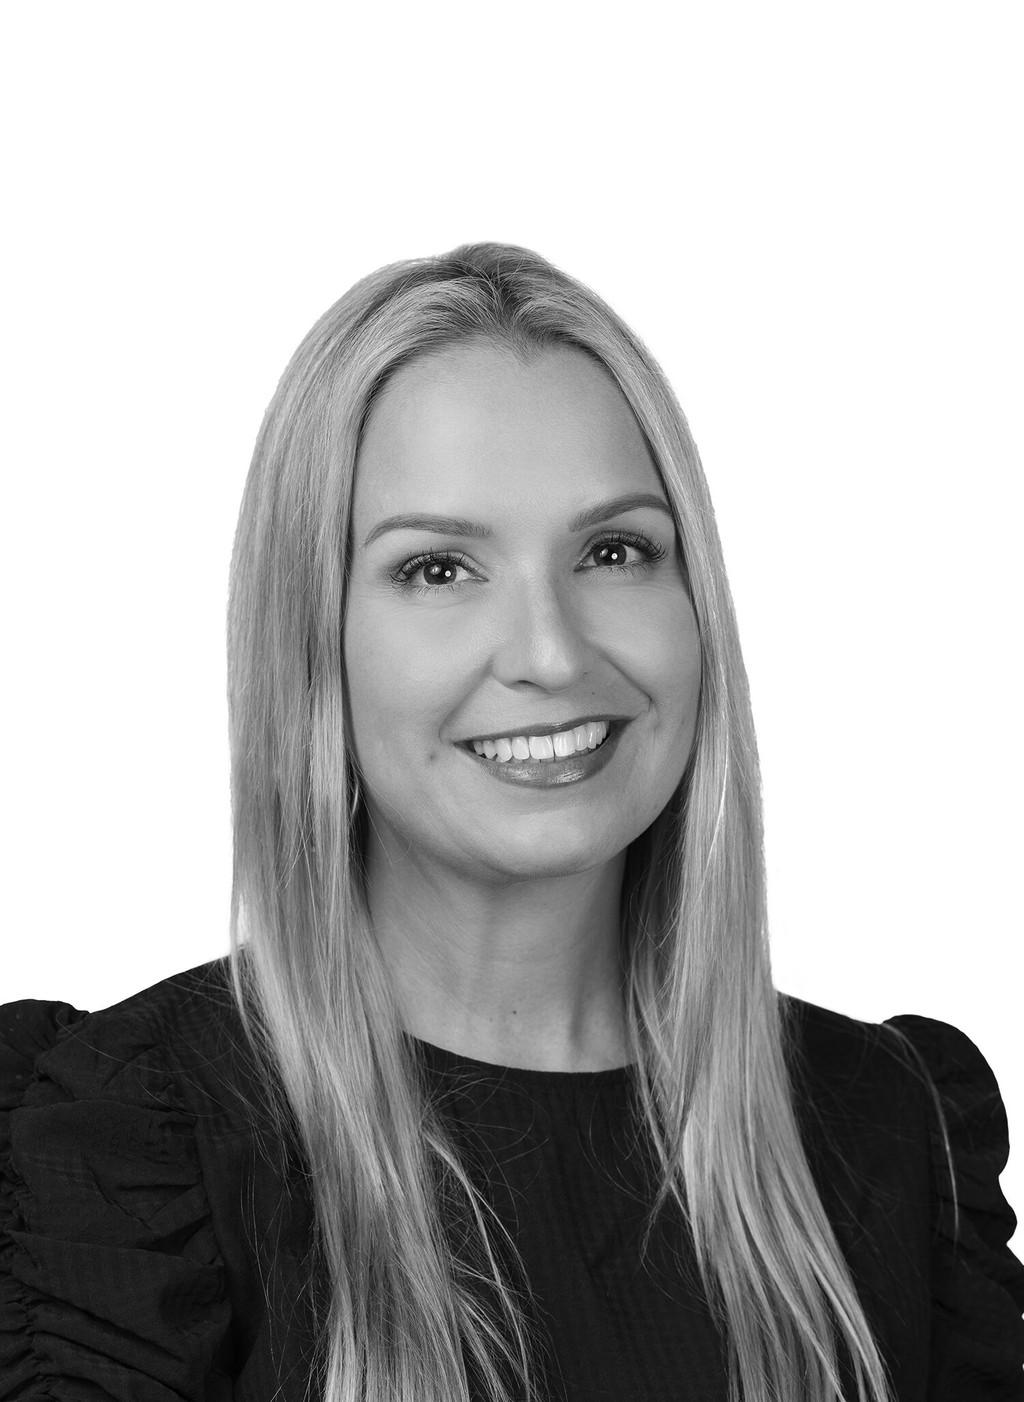 Victoria Carreno Real Estate Associate in Coral Gables